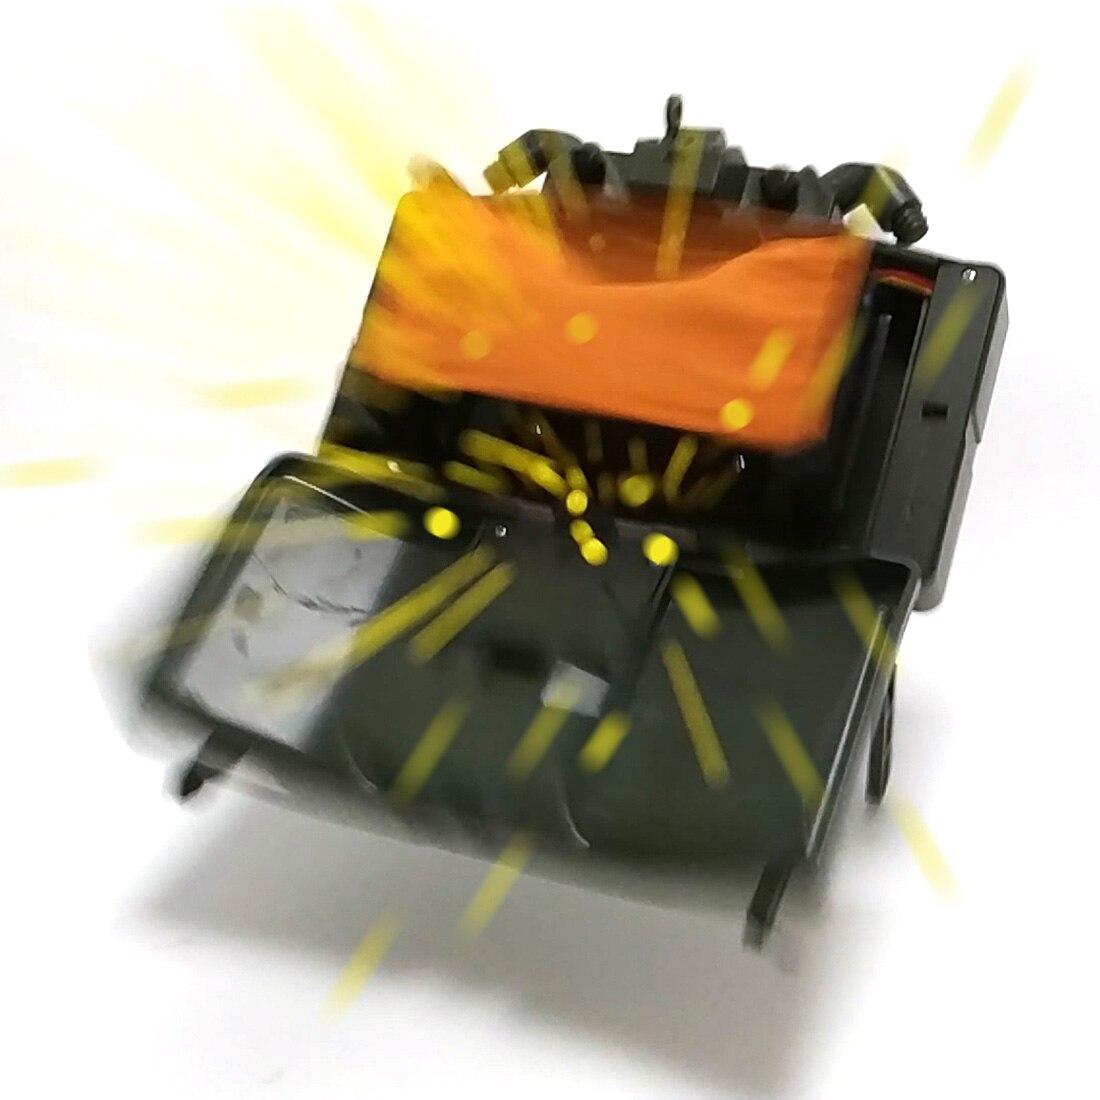 Camouflage infrarouge Induction eau Gel perles bombe antipersonne piège jouet avec capteur de mouvement pour Airsoft Wargame pour Nerf CS jeu